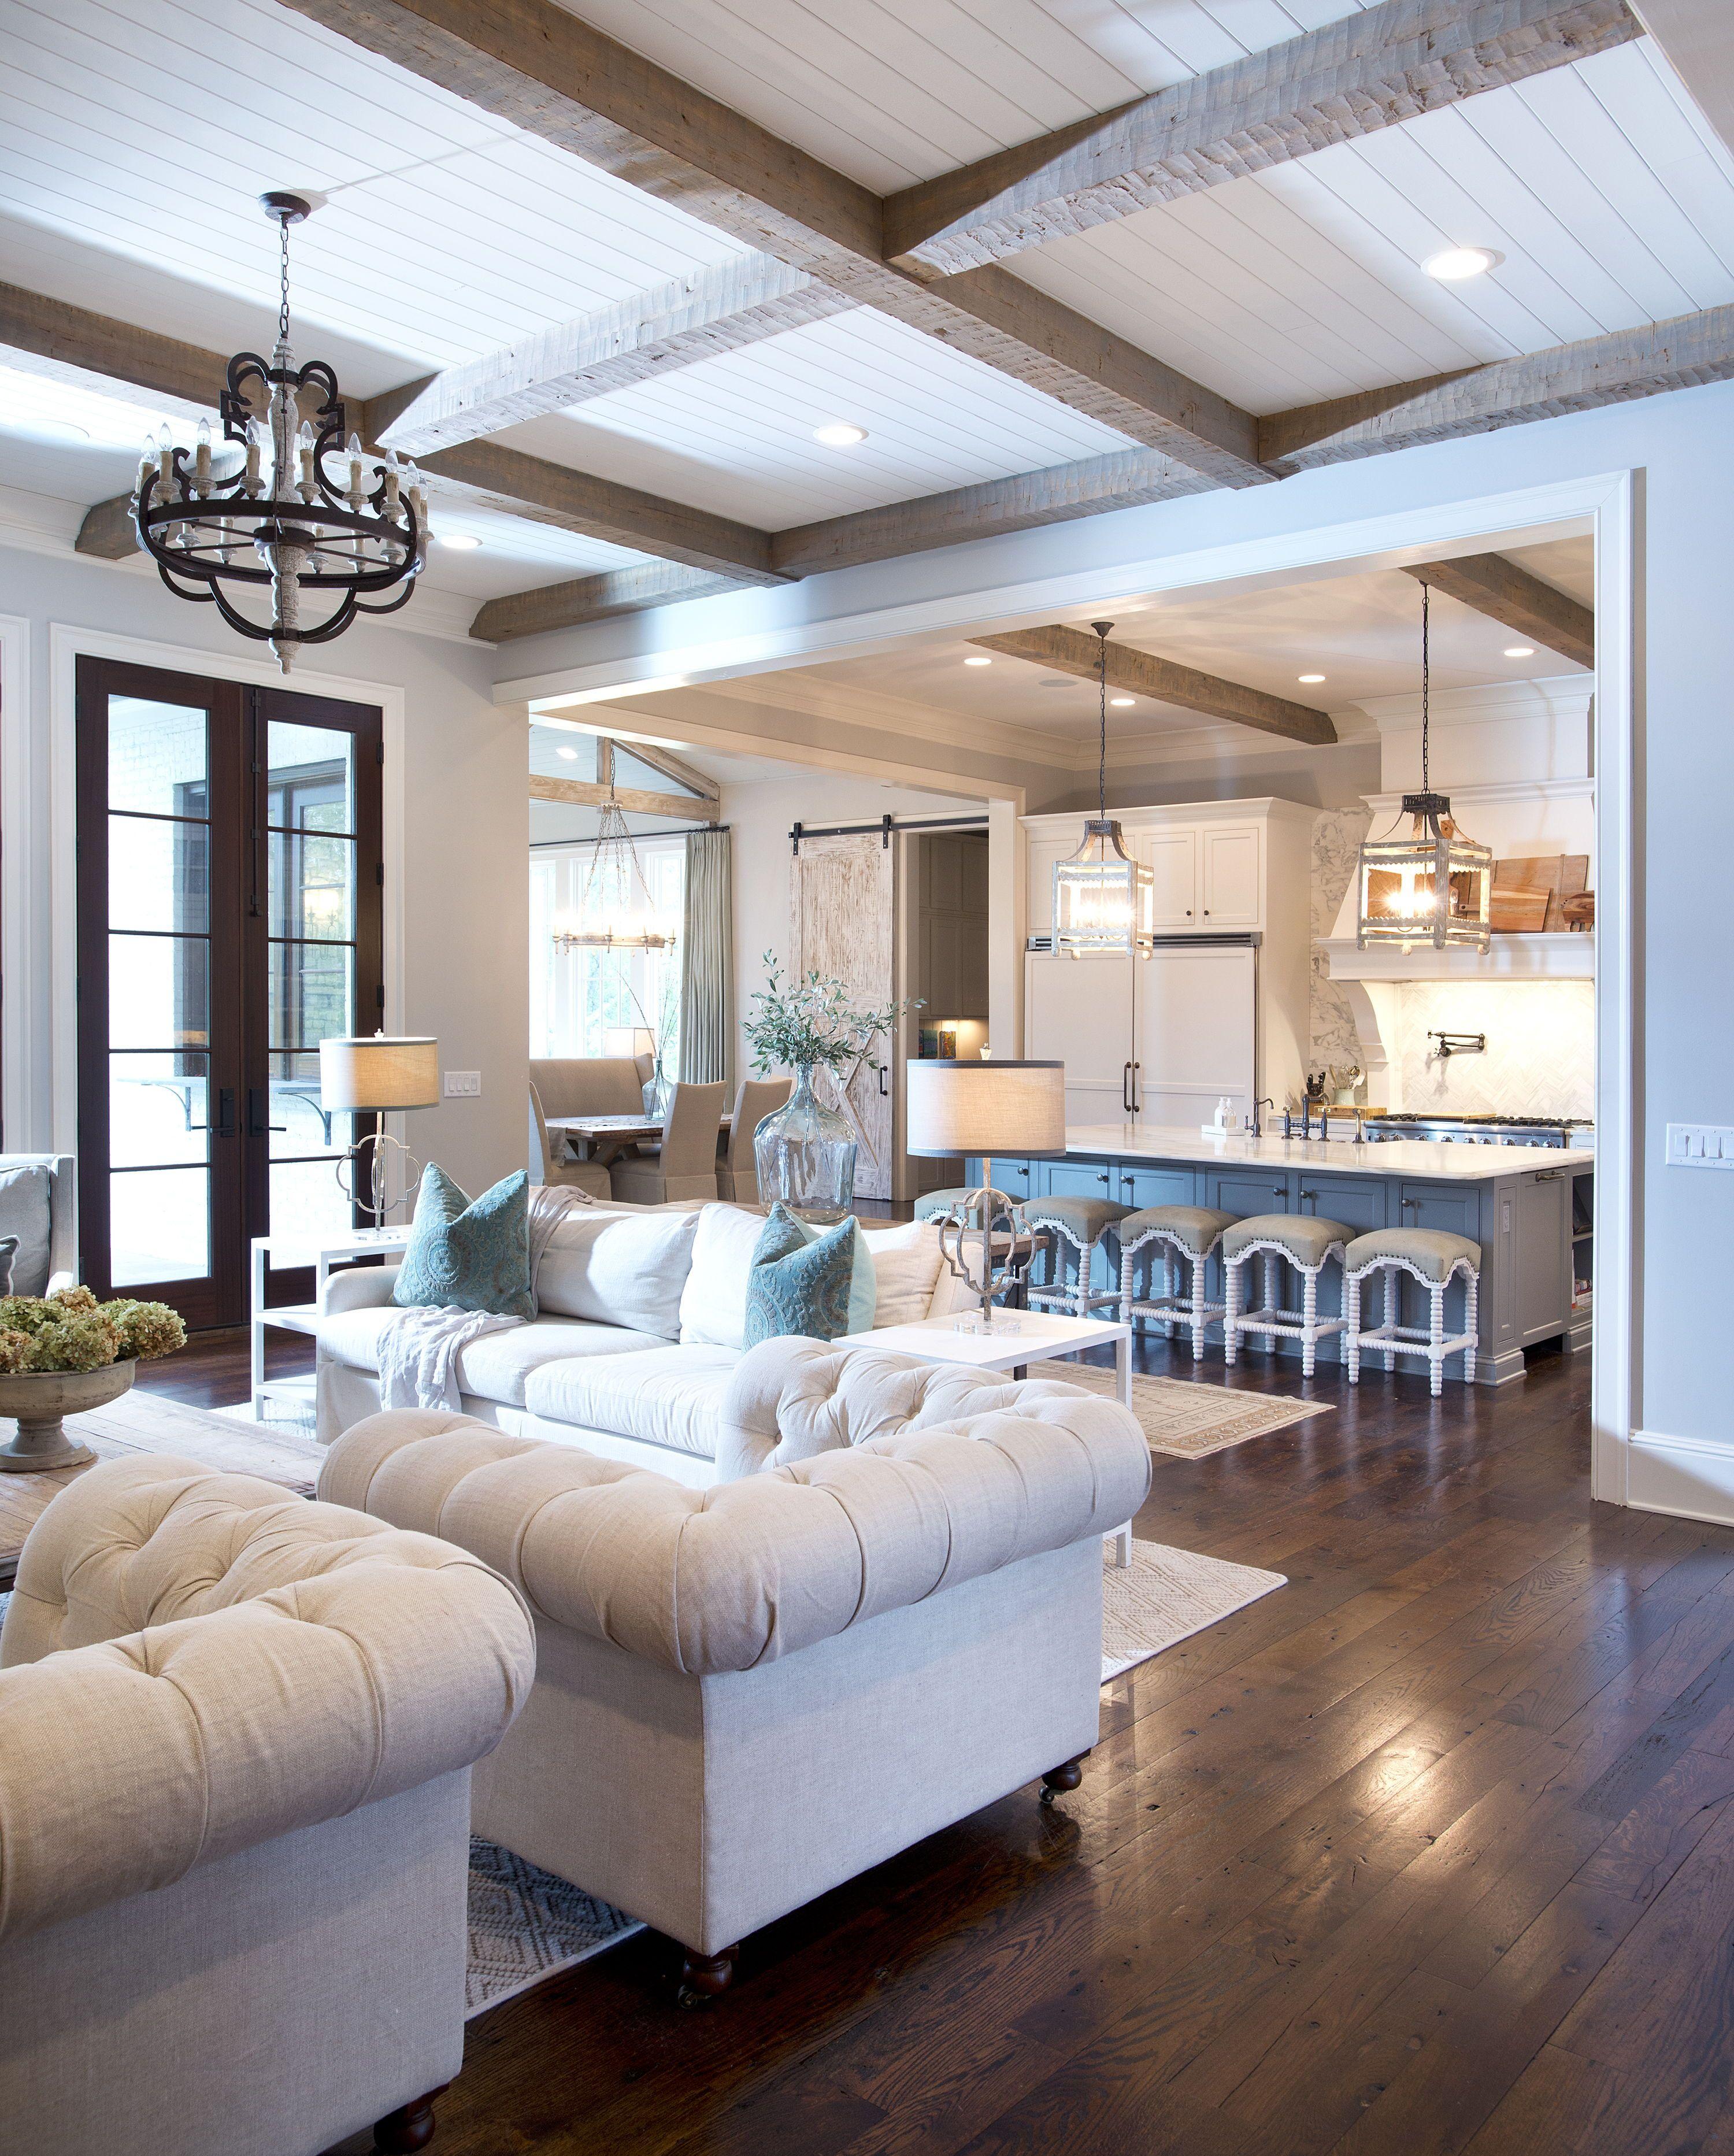 Open Floor Plan Living Room And Kitchen Nashville Homes Nashville Homes F Living Room Design Inspiration Living Room And Kitchen Design Perfect Living Room